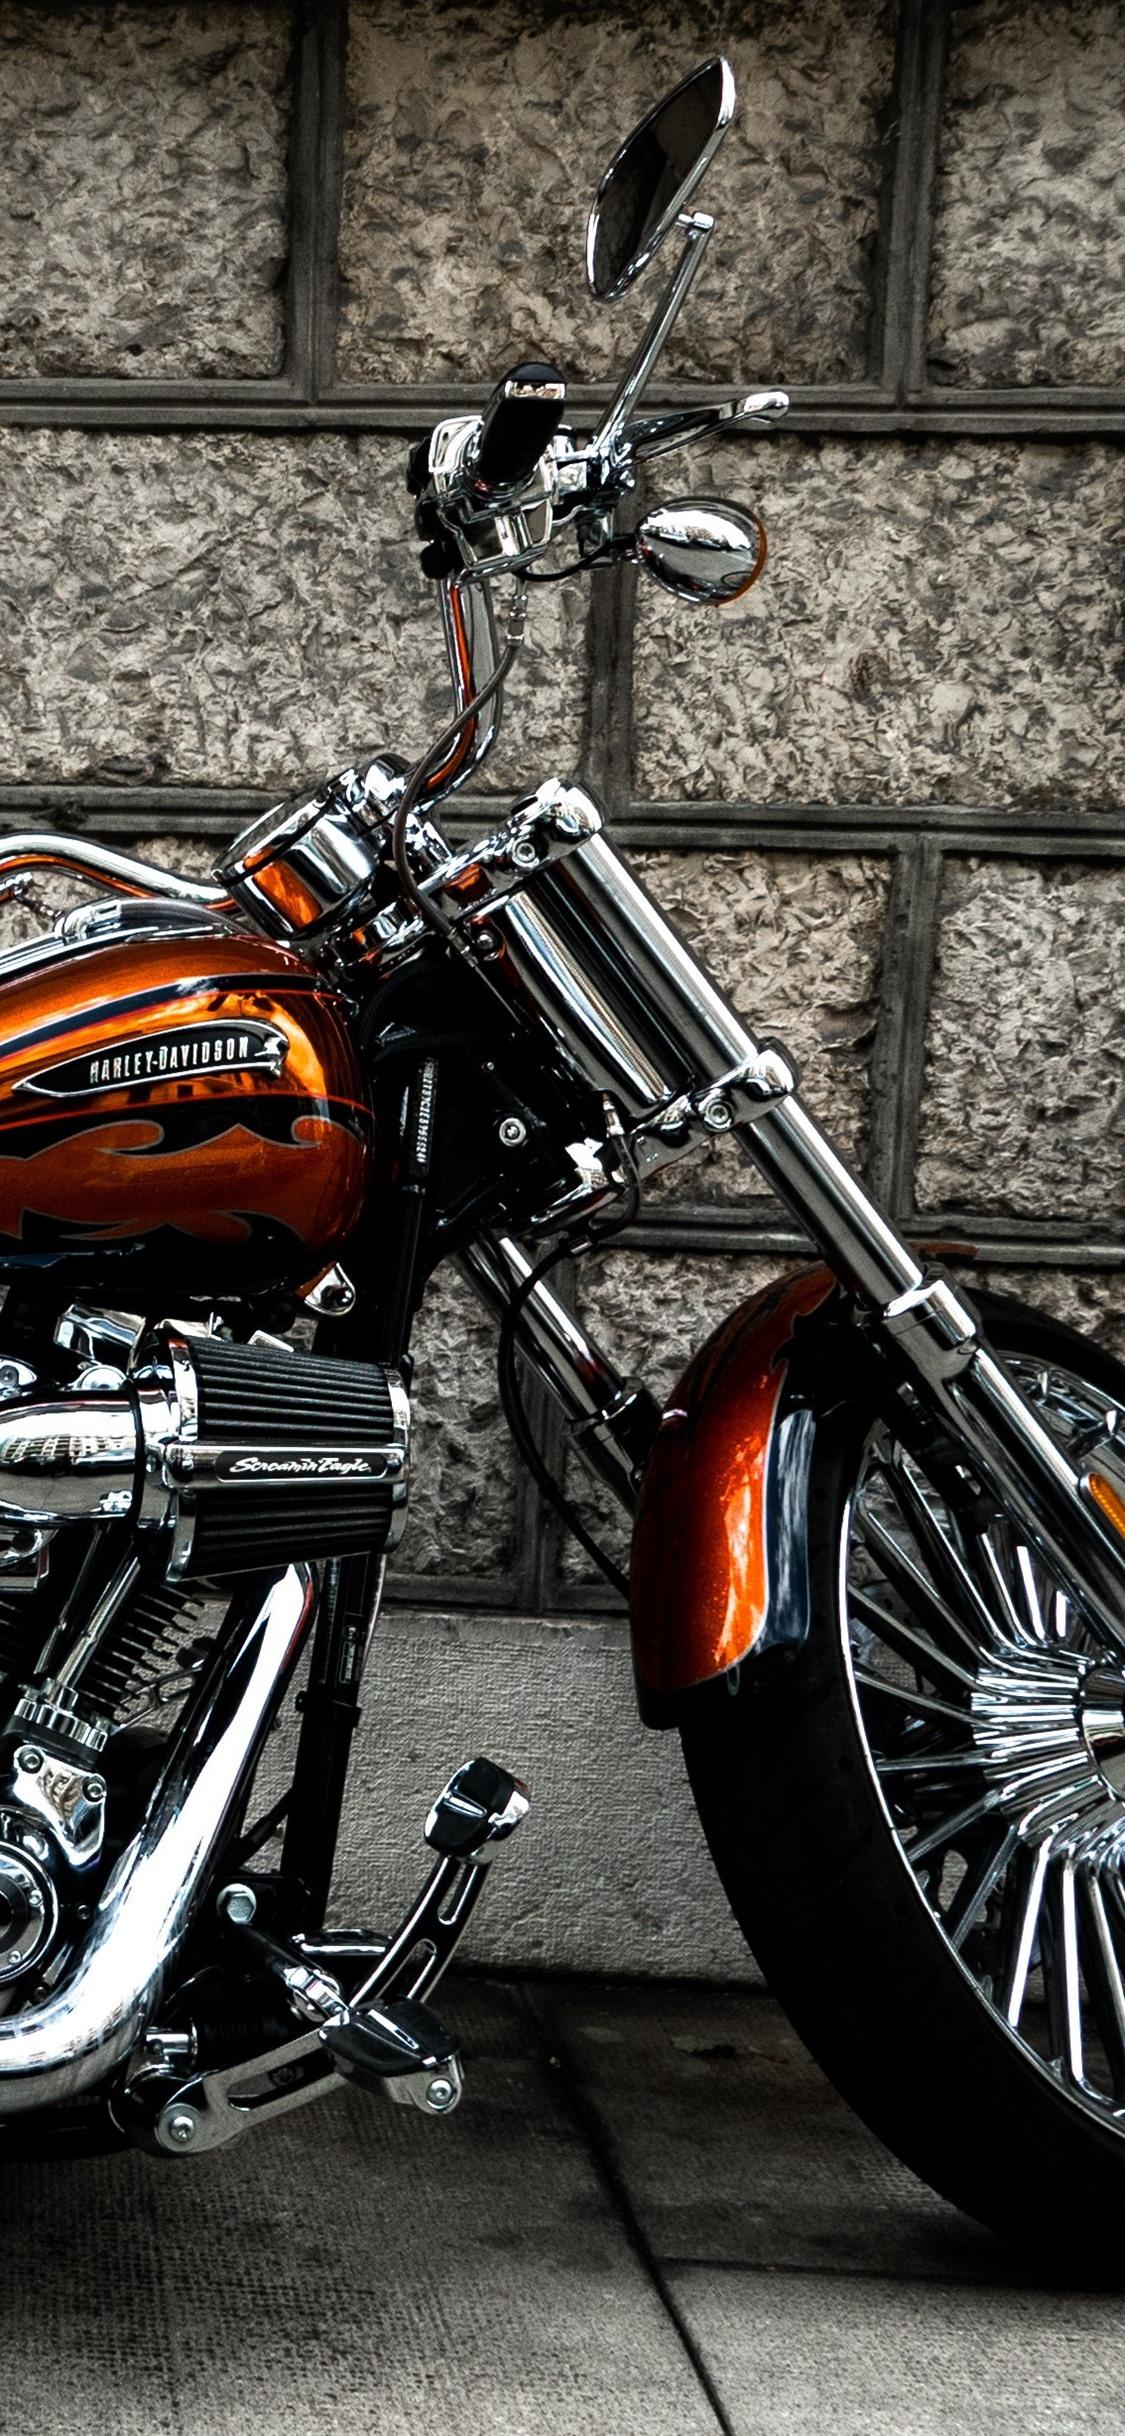 Harley-Davidson Motorrad, Seitenansicht 3840X2160 Uhd 4K mit Harley Davidson Hintergrundbilder